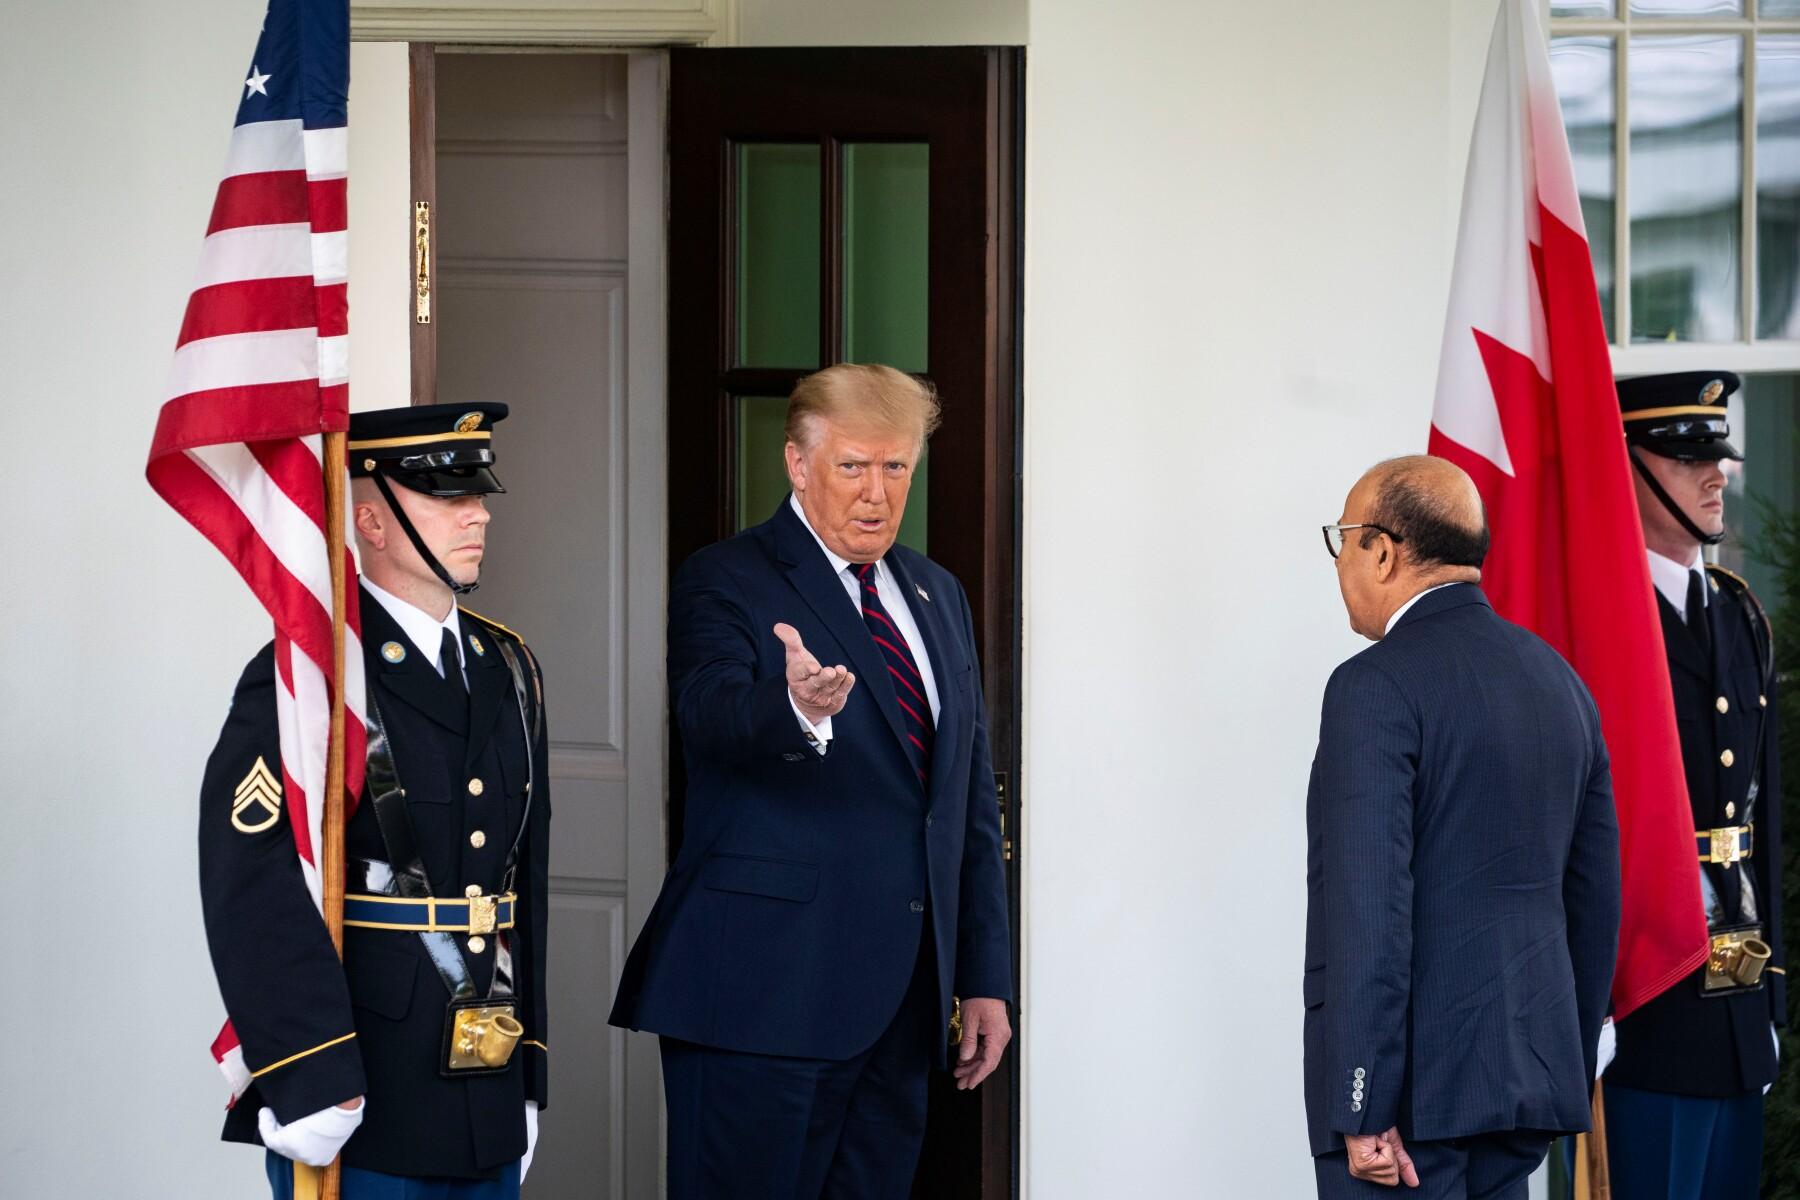 Un triunfo para Trump